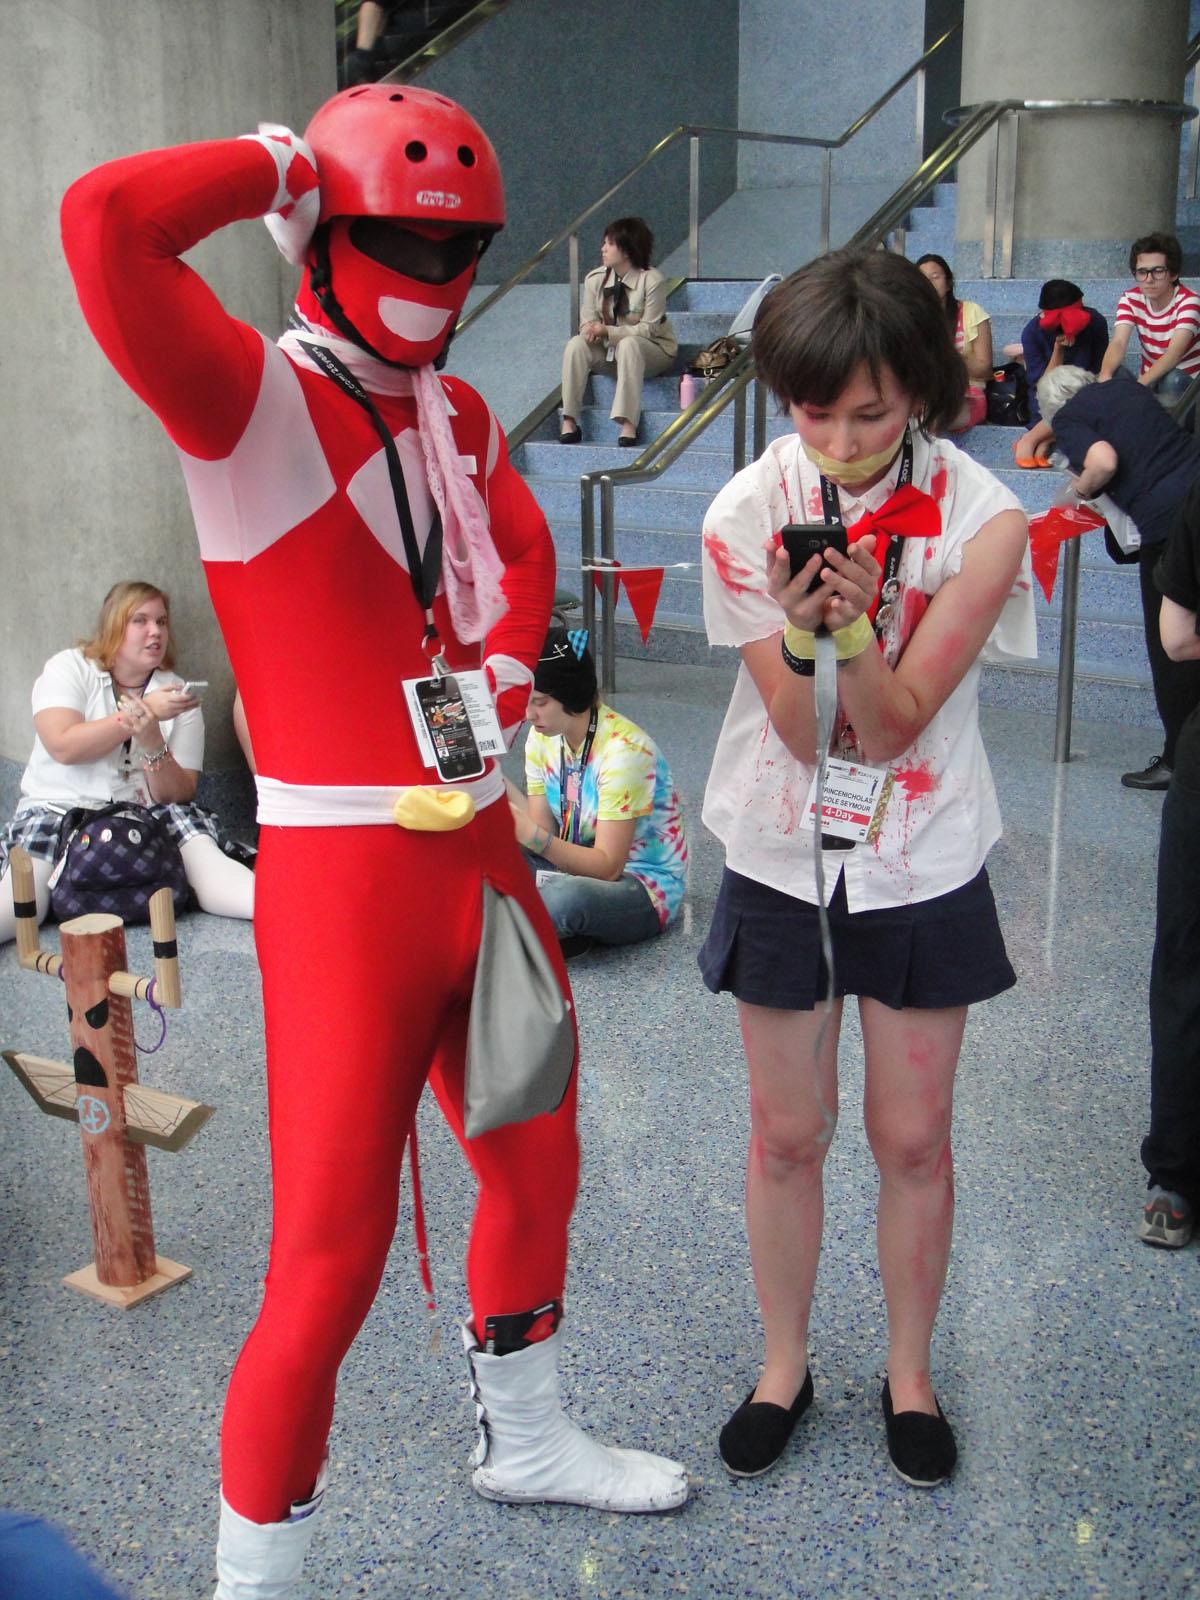 File Anime Expo 2011 Red Power Ranger And Ummm 5917375119 Jpg